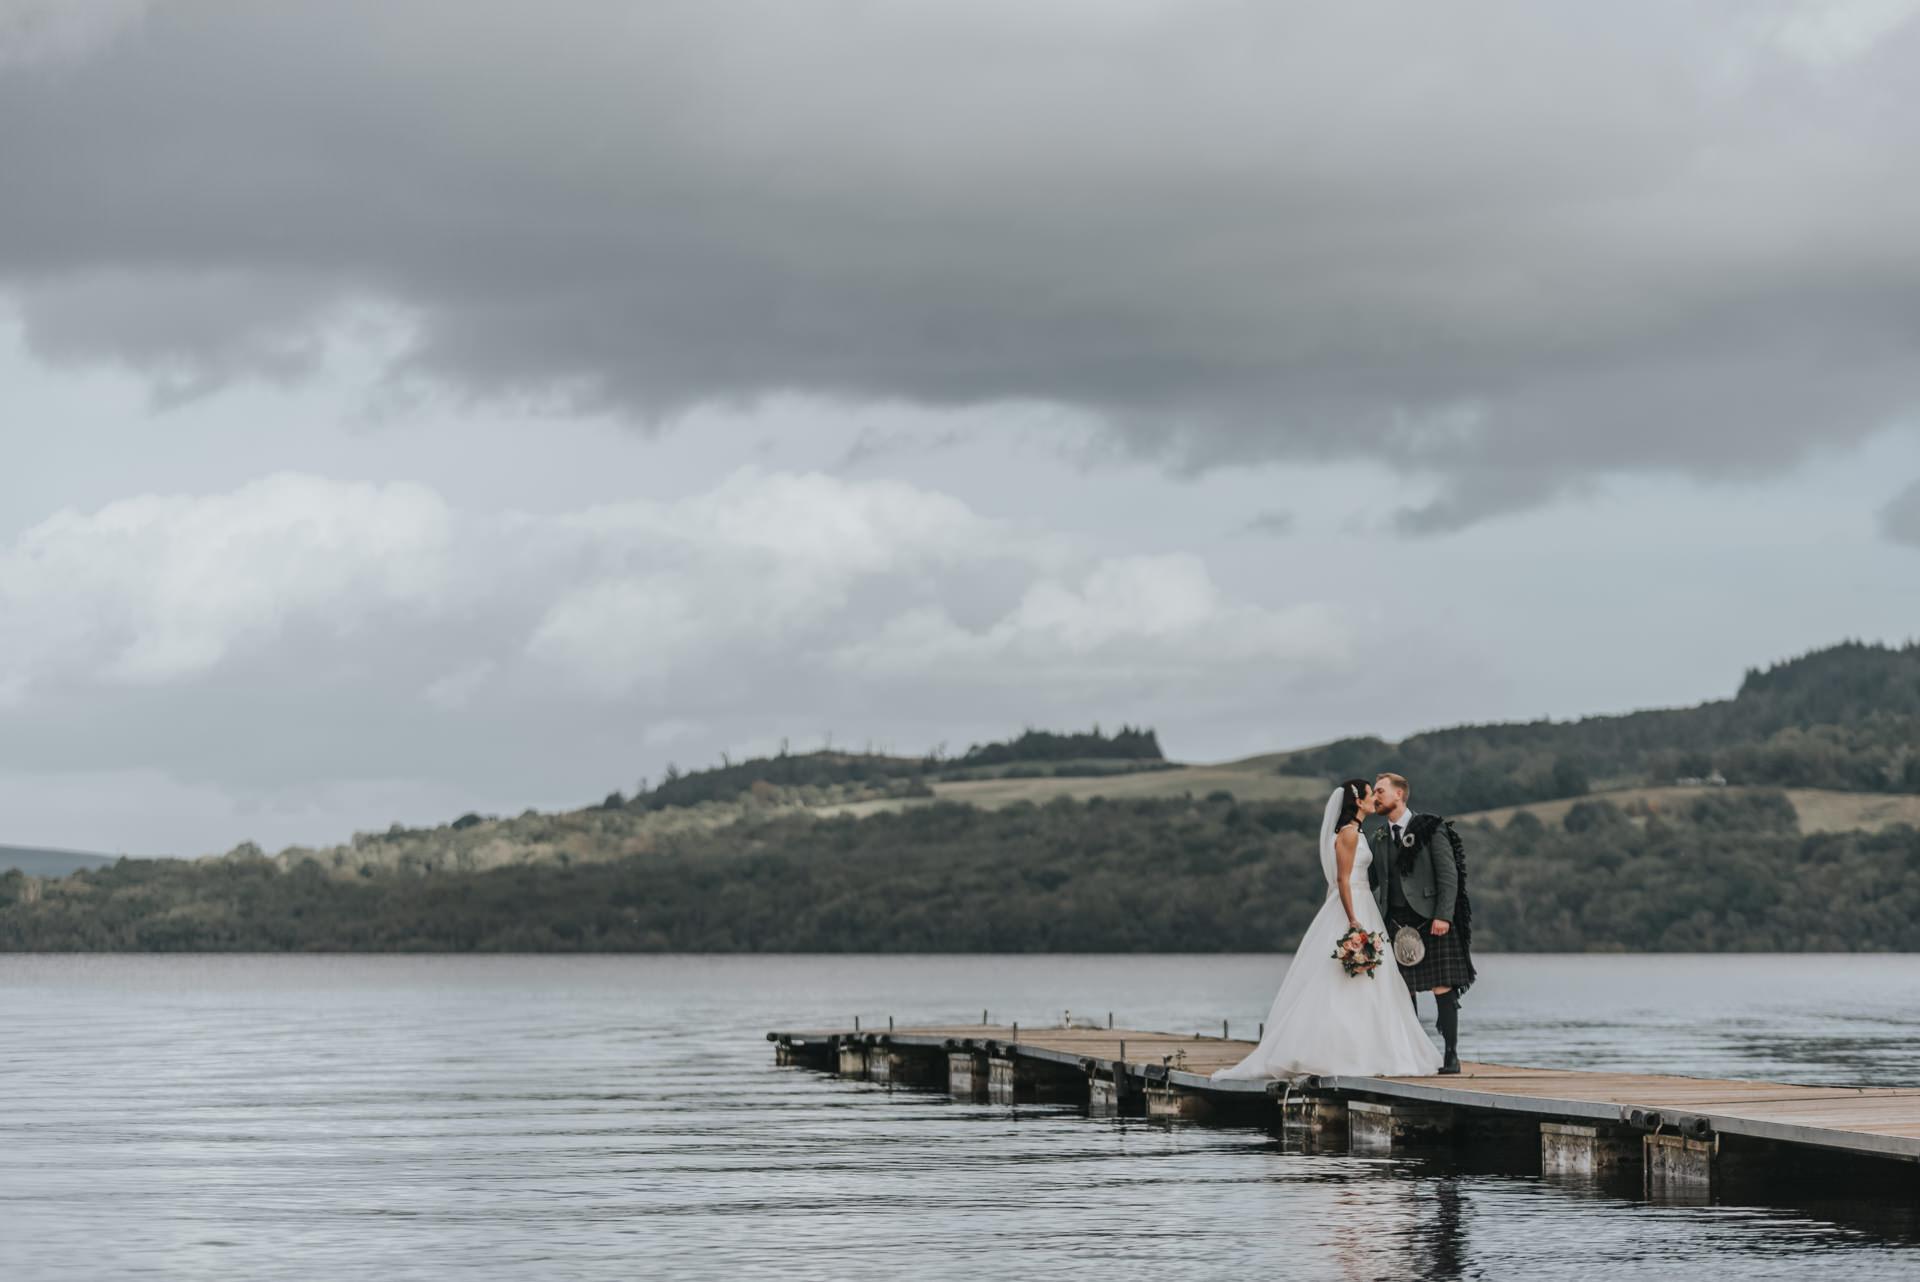 The Cruin wedding photos, wedding The Cruin, wedding photographer Edinburgh, wedding photographer Scotland, wedding photographer Glasgow, Karol Makula Photography, wedding photography Scotland, Scotland wedding photographer